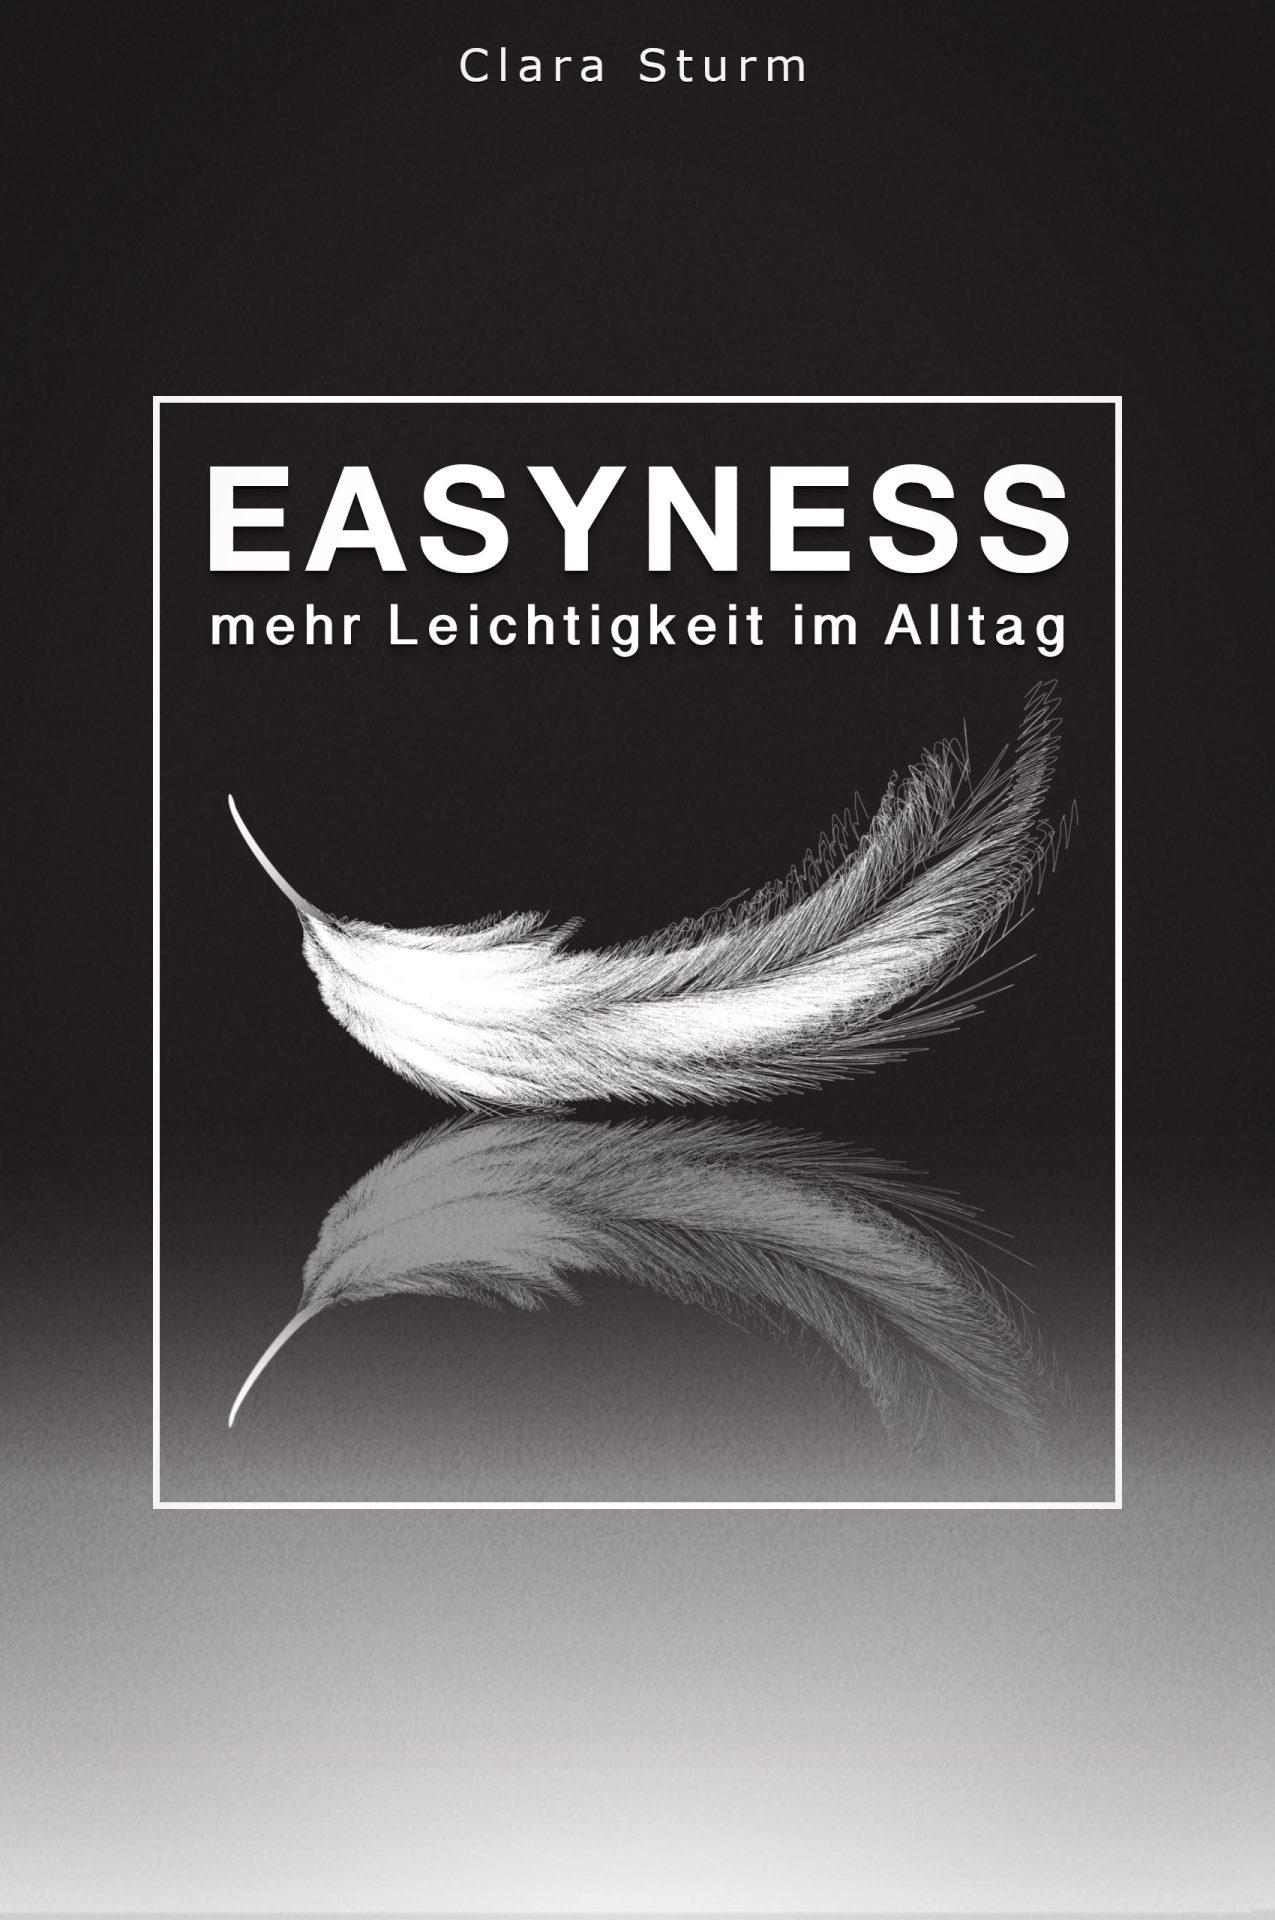 Easyness - mehr Leichtigkeit im Alltag